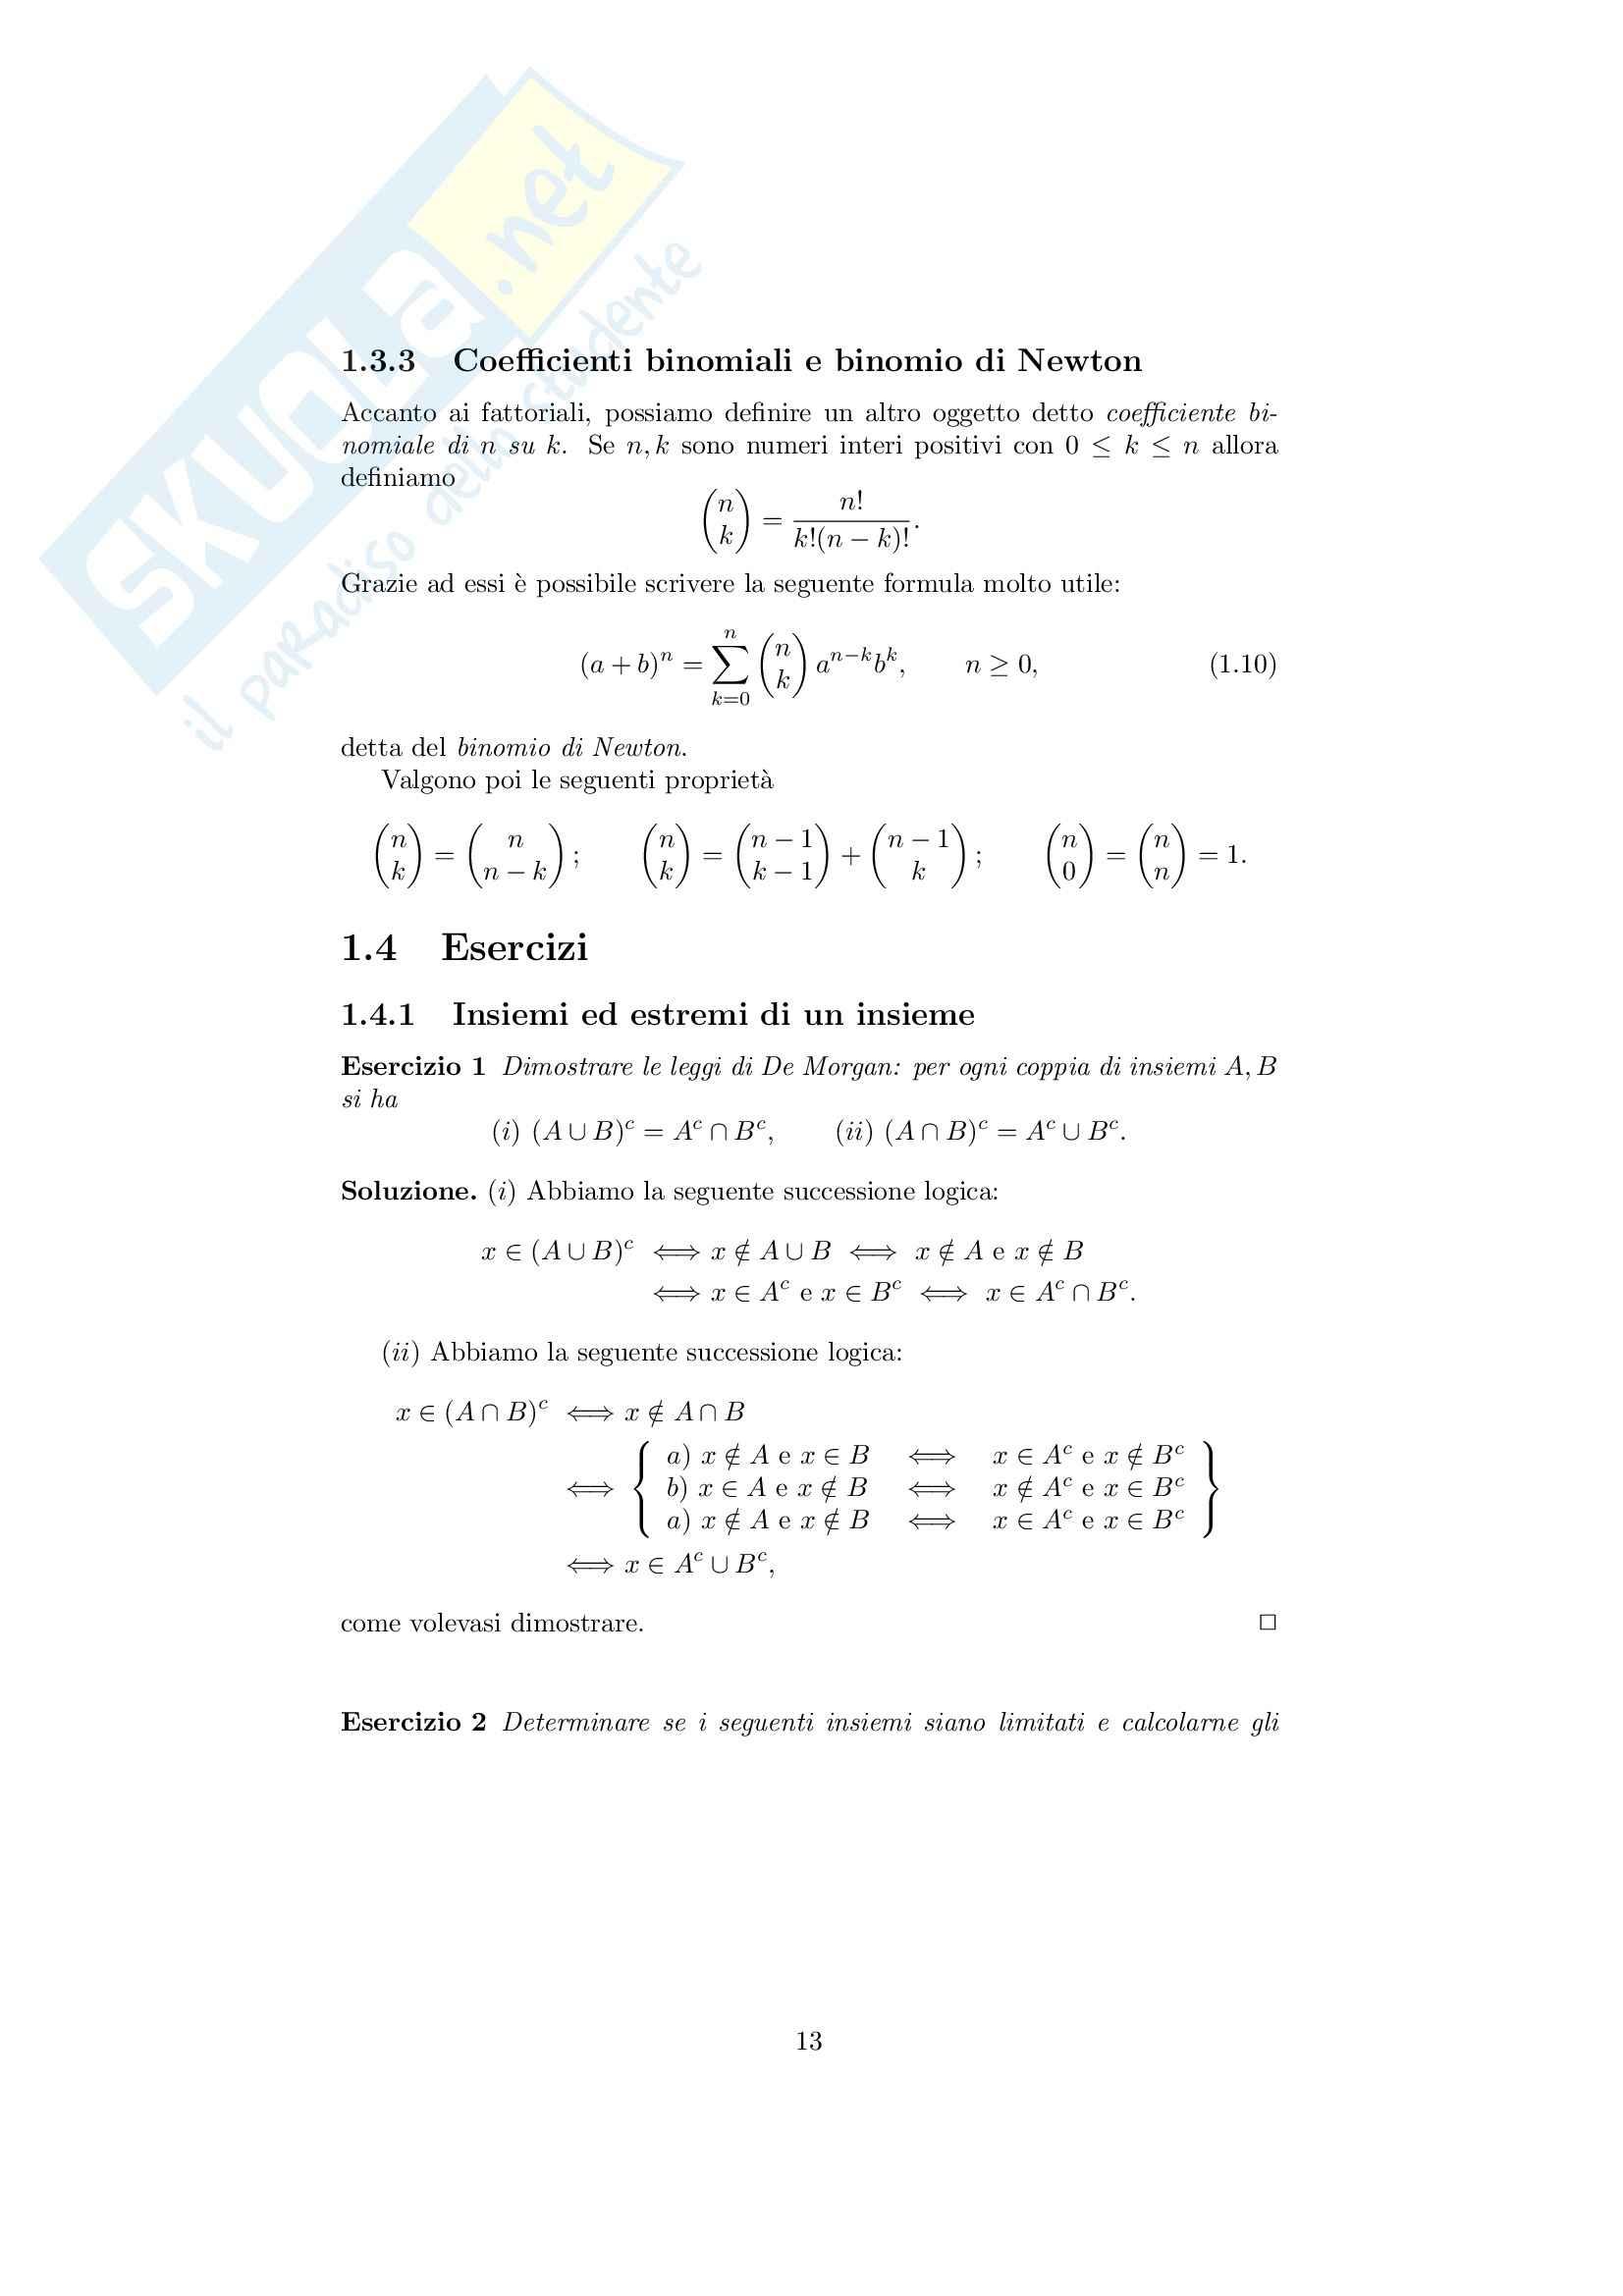 Analisi matematica 1 - Note ed esercizi svolti su Insiemi, numeri reali e Principio di Induzione Pag. 16